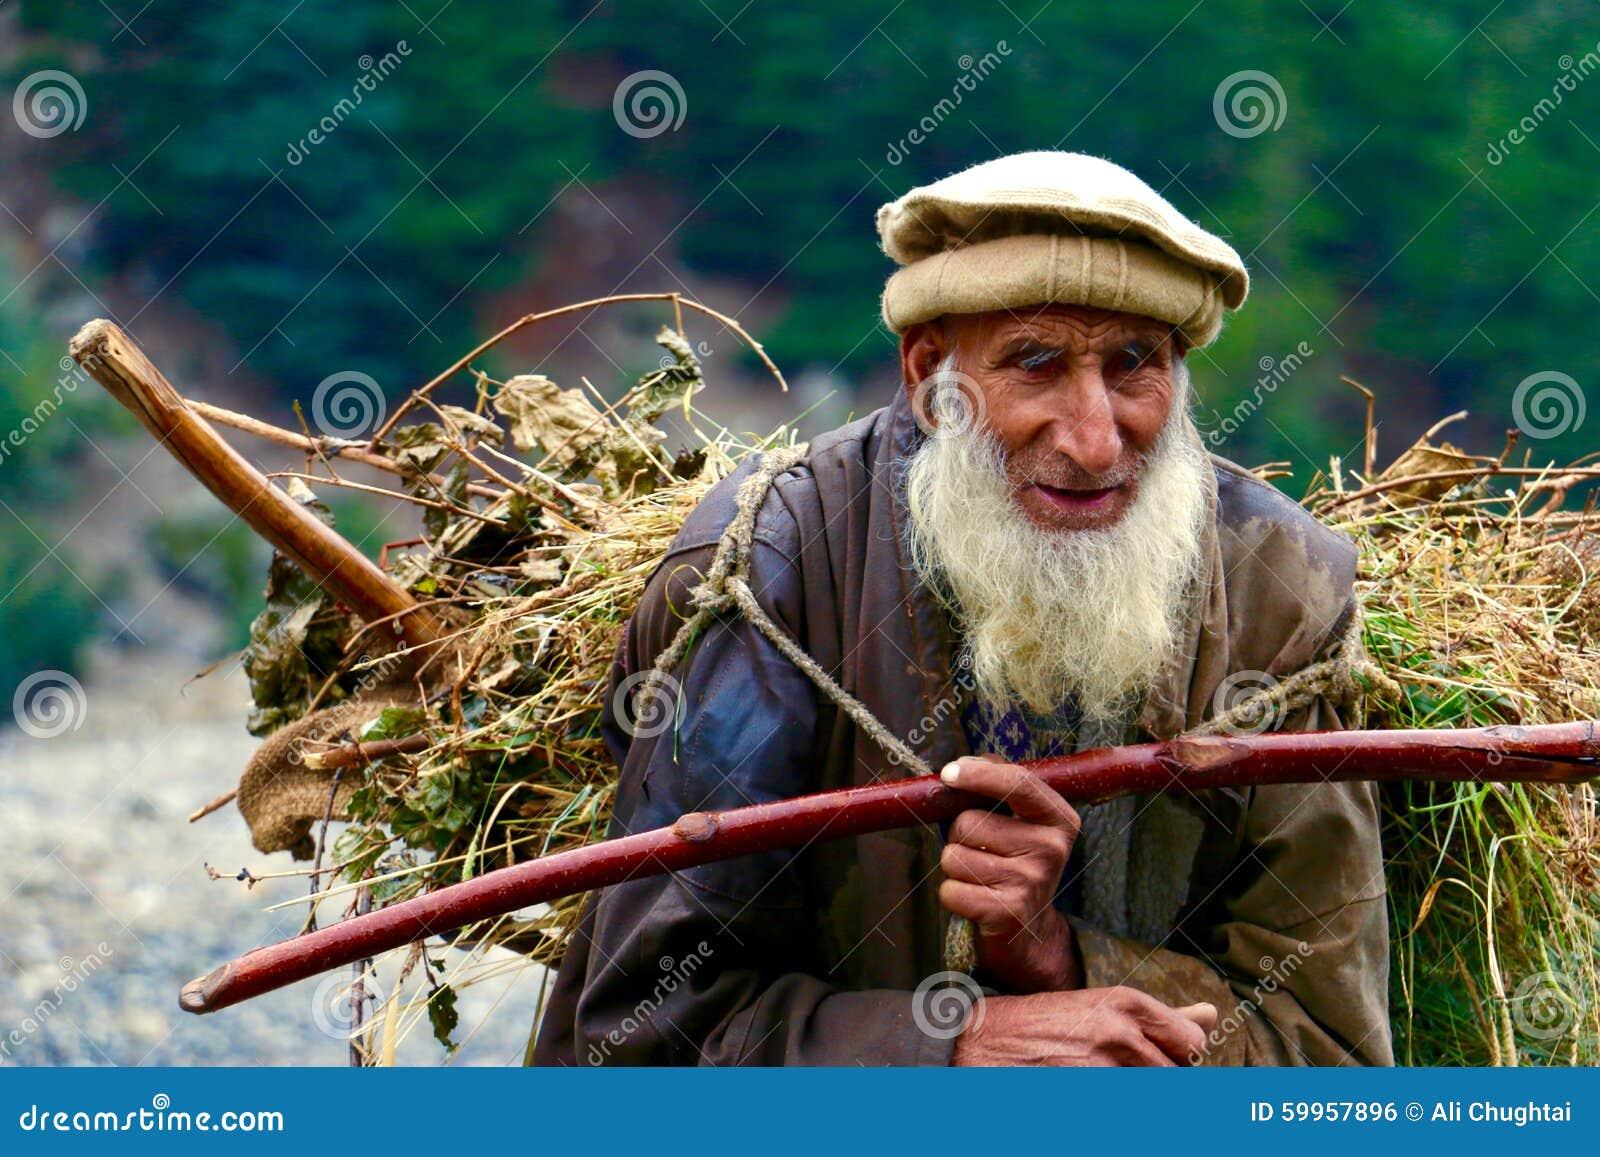 Hardworking old man